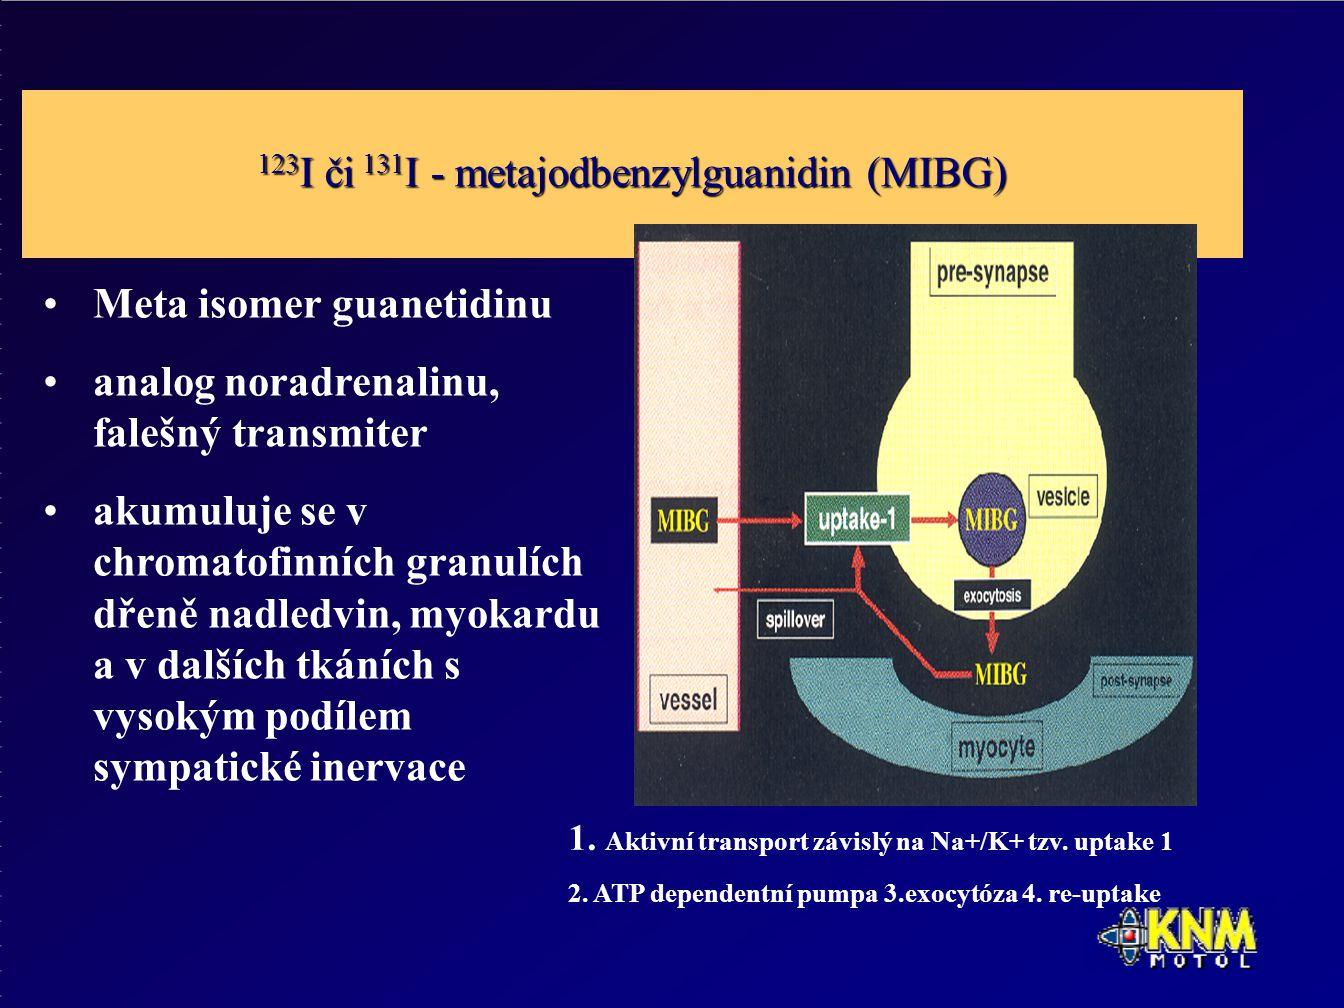 123 I či 131 I - metajodbenzylguanidin (MIBG) Meta isomer guanetidinu analog noradrenalinu, falešný transmiter akumuluje se v chromatofinních granulích dřeně nadledvin, myokardu a v dalších tkáních s vysokým podílem sympatické inervace 1.